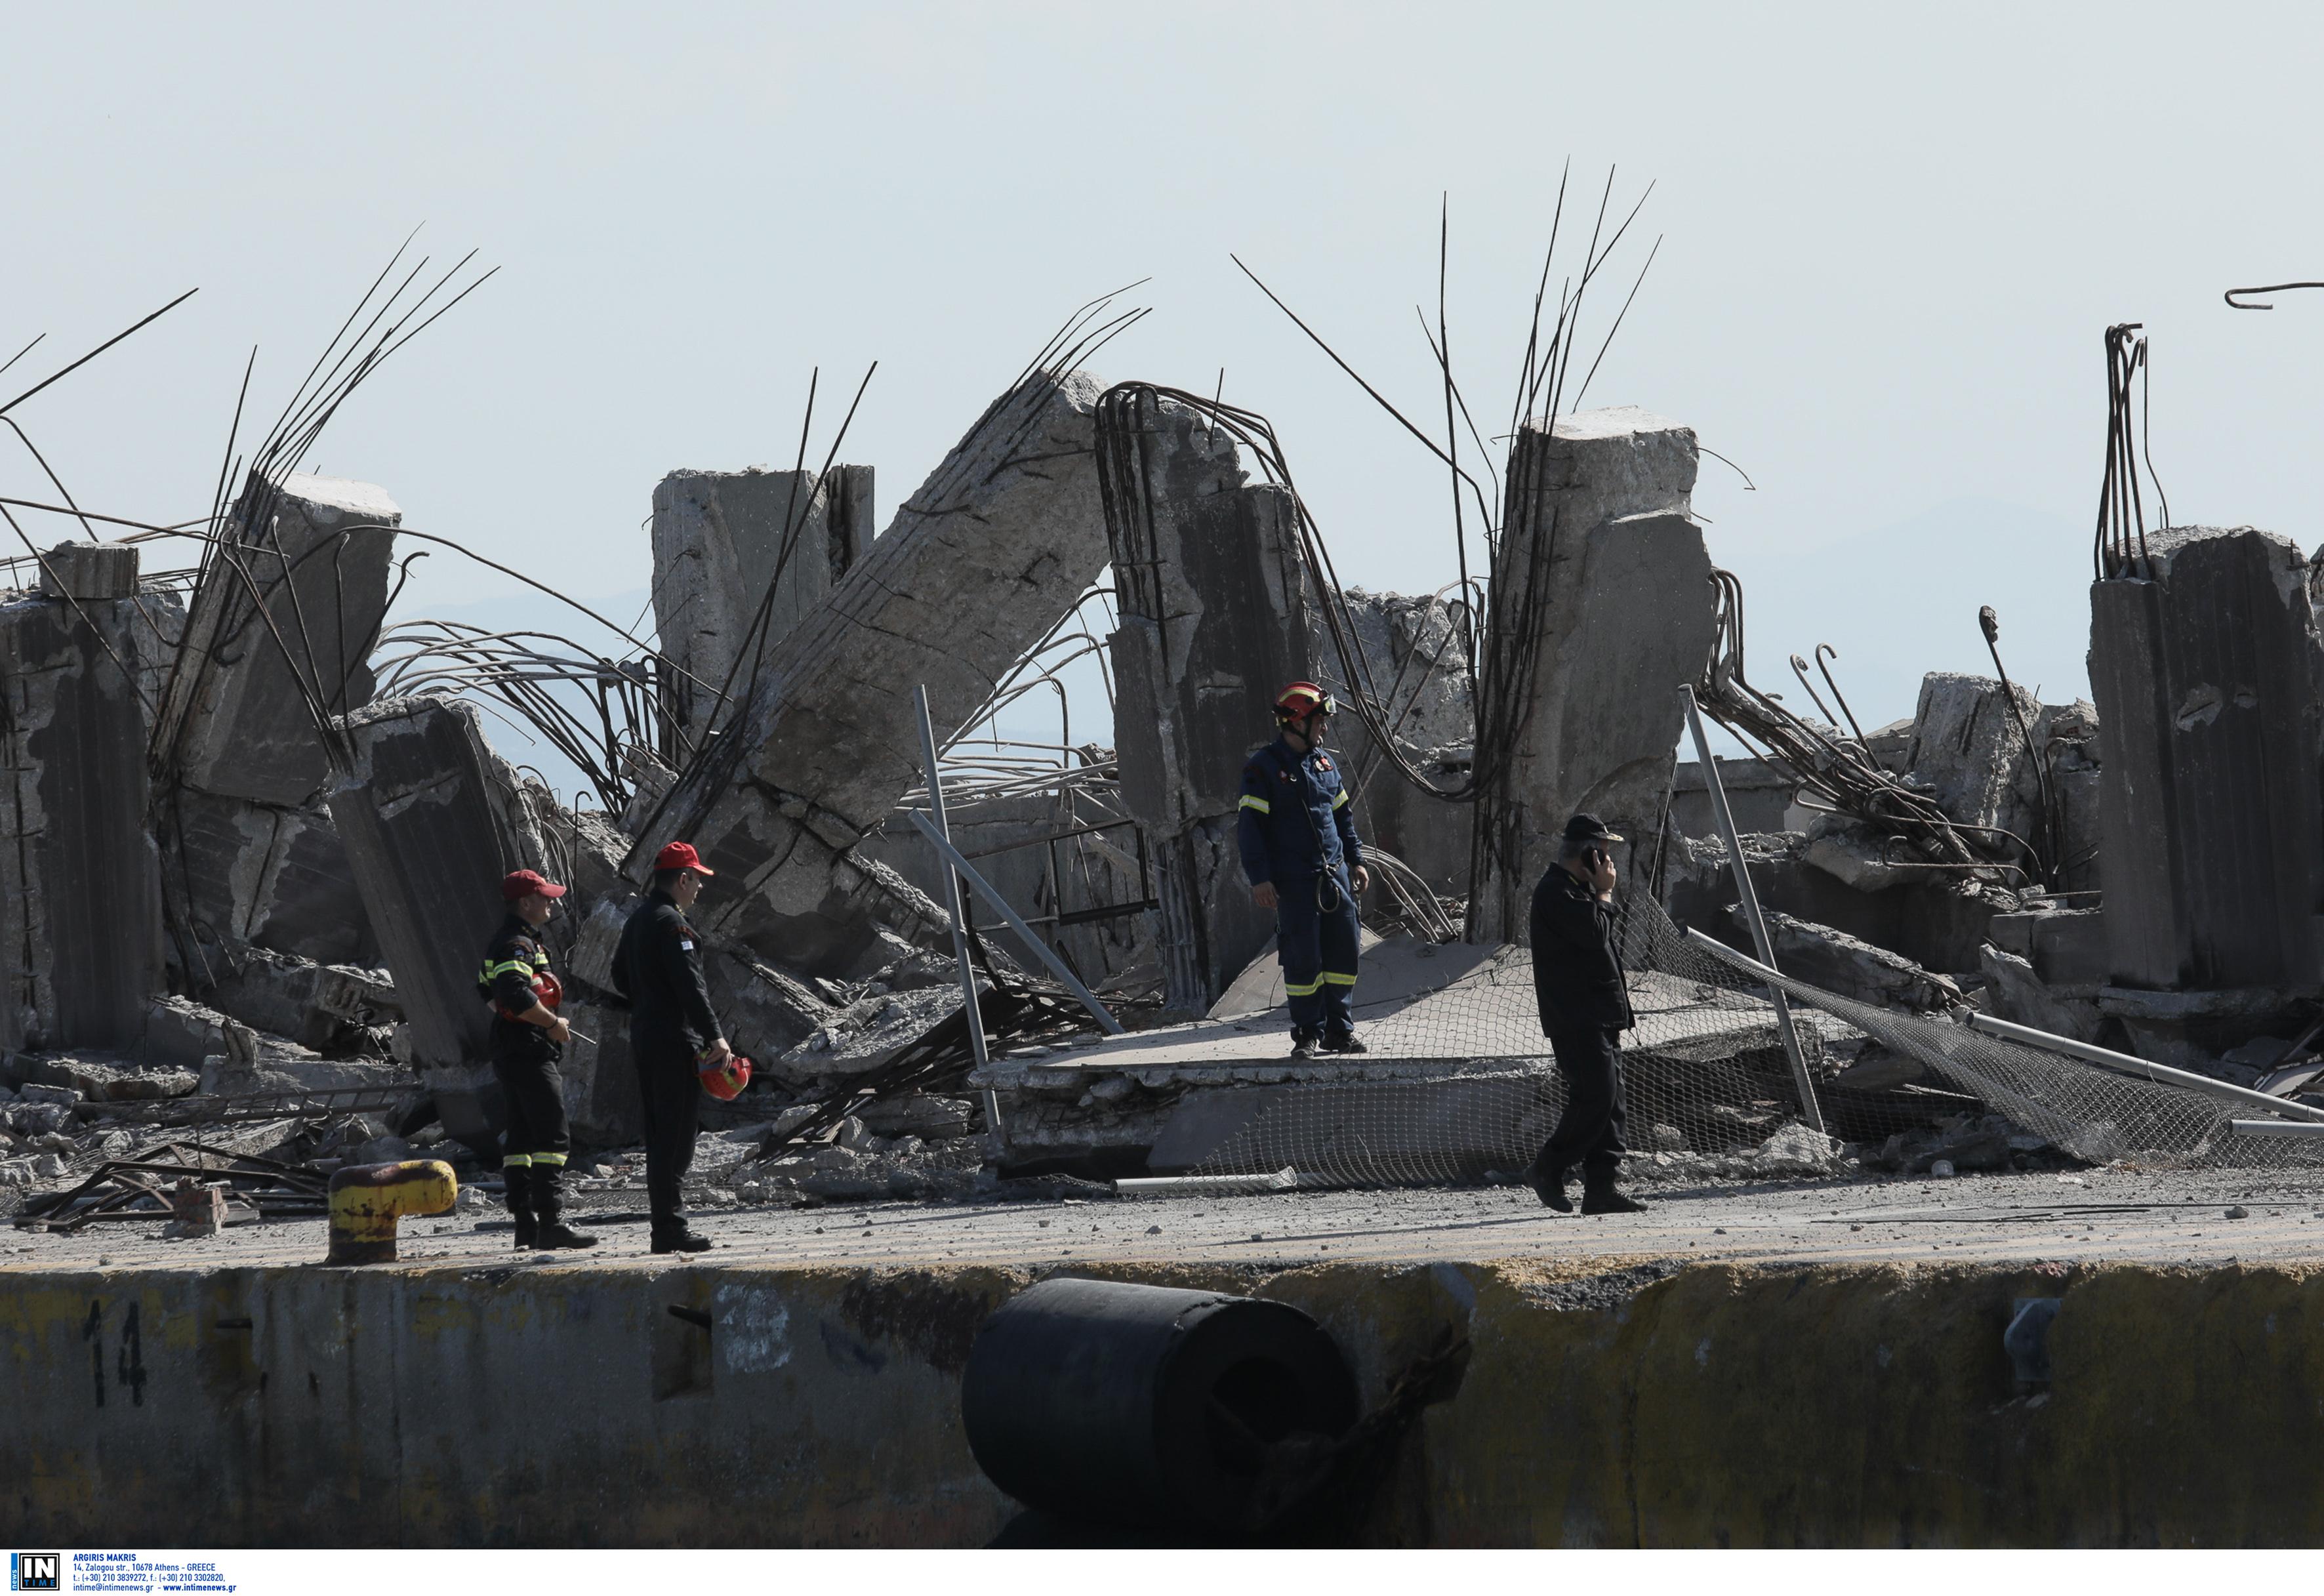 Κλείνει το τμήμα του ταινιόδρομου στον Πειραιά που κατέρρευσε από τον σεισμό για να μην κινδυνεύσει κανείς